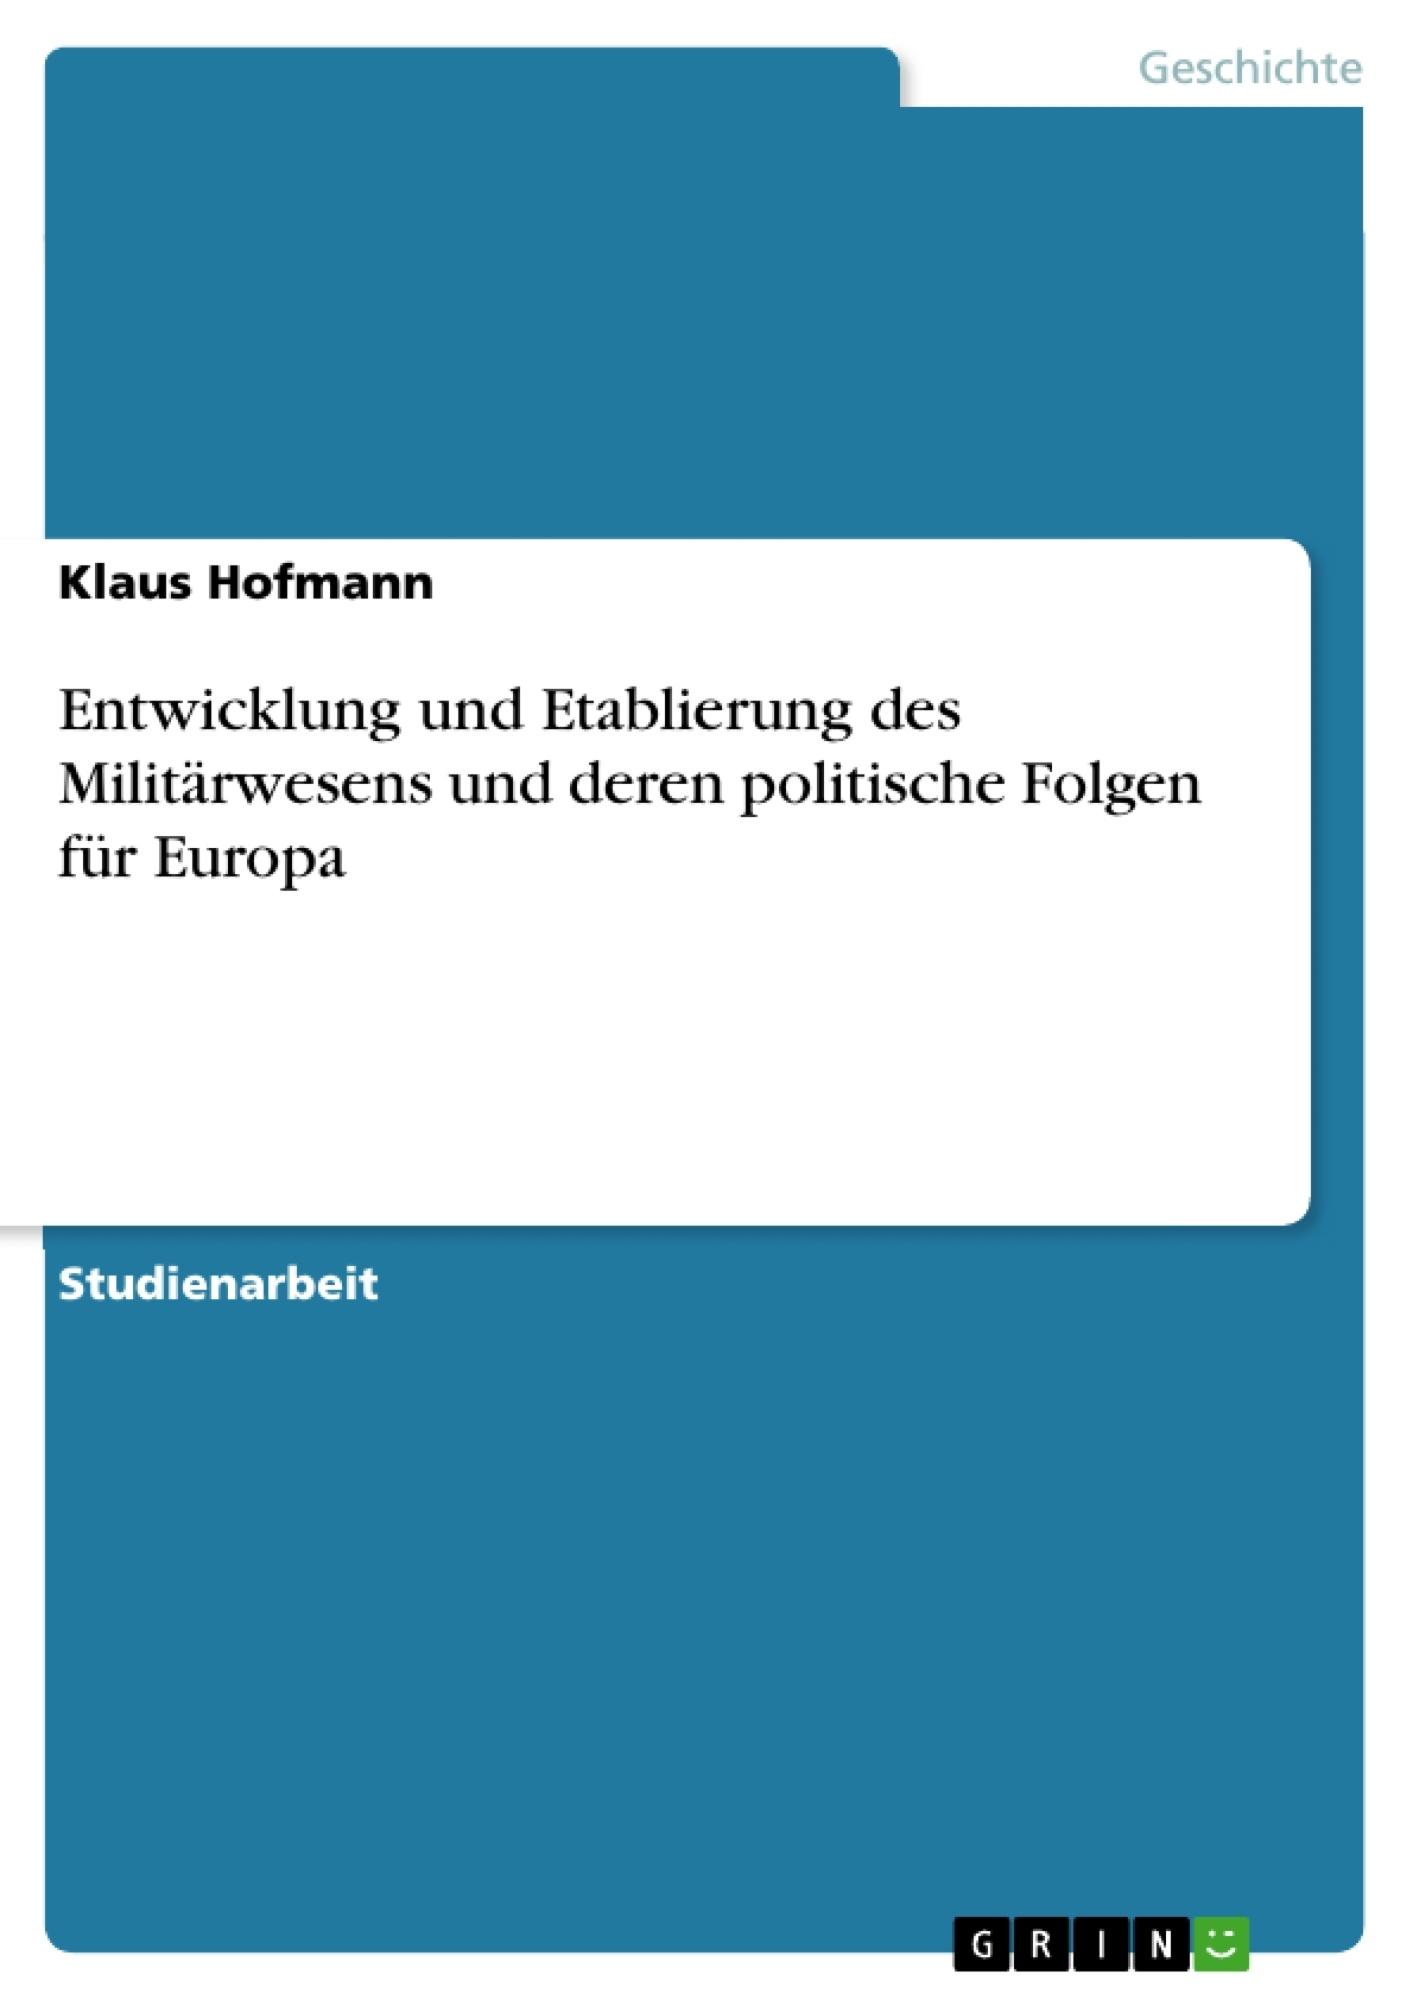 Titel: Entwicklung und Etablierung des Militärwesens und deren politische Folgen für Europa